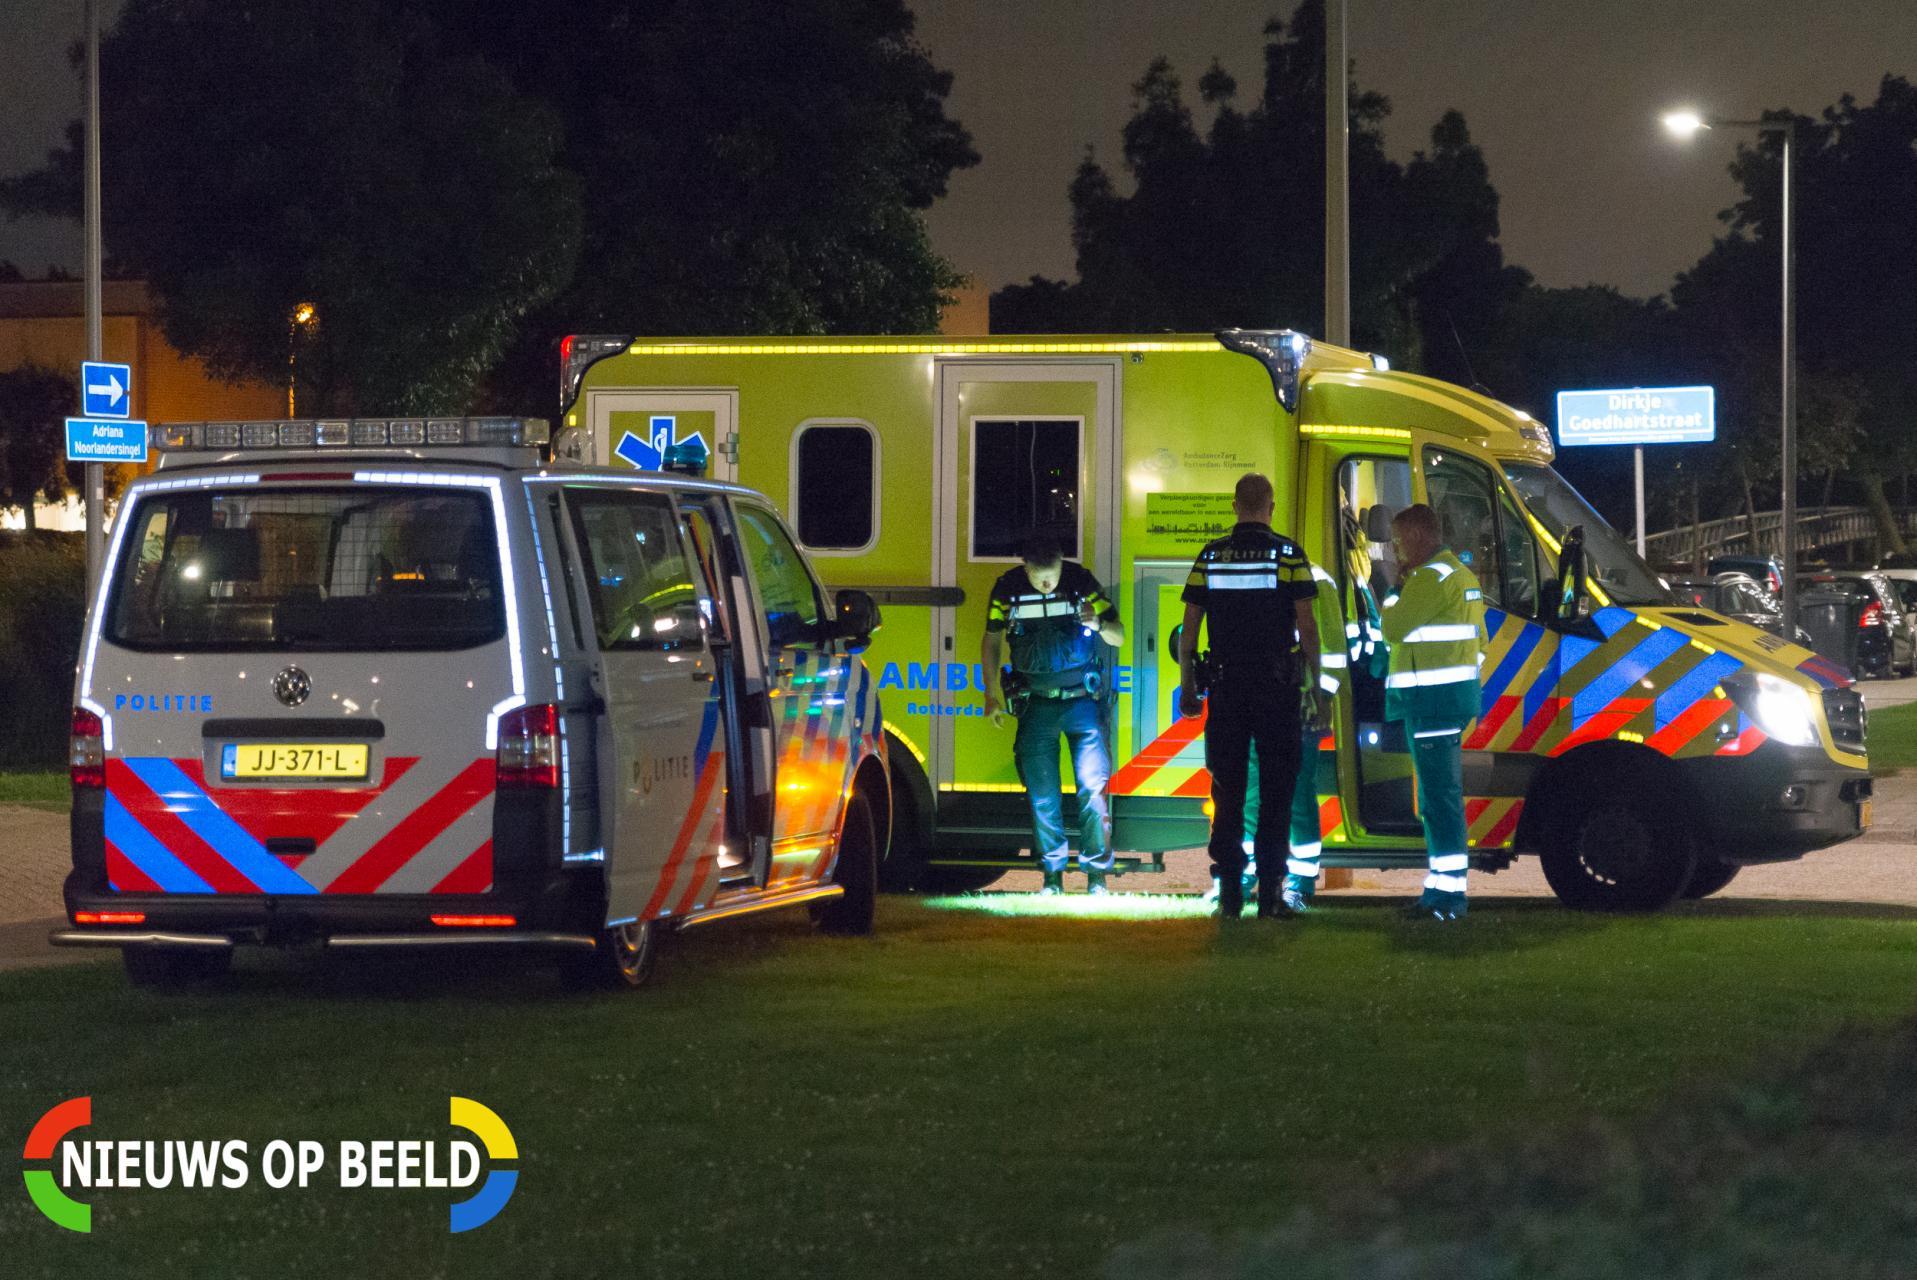 Politie op zoek naar drie mannen die taxichauffeur mishandelden in Naaldwijk